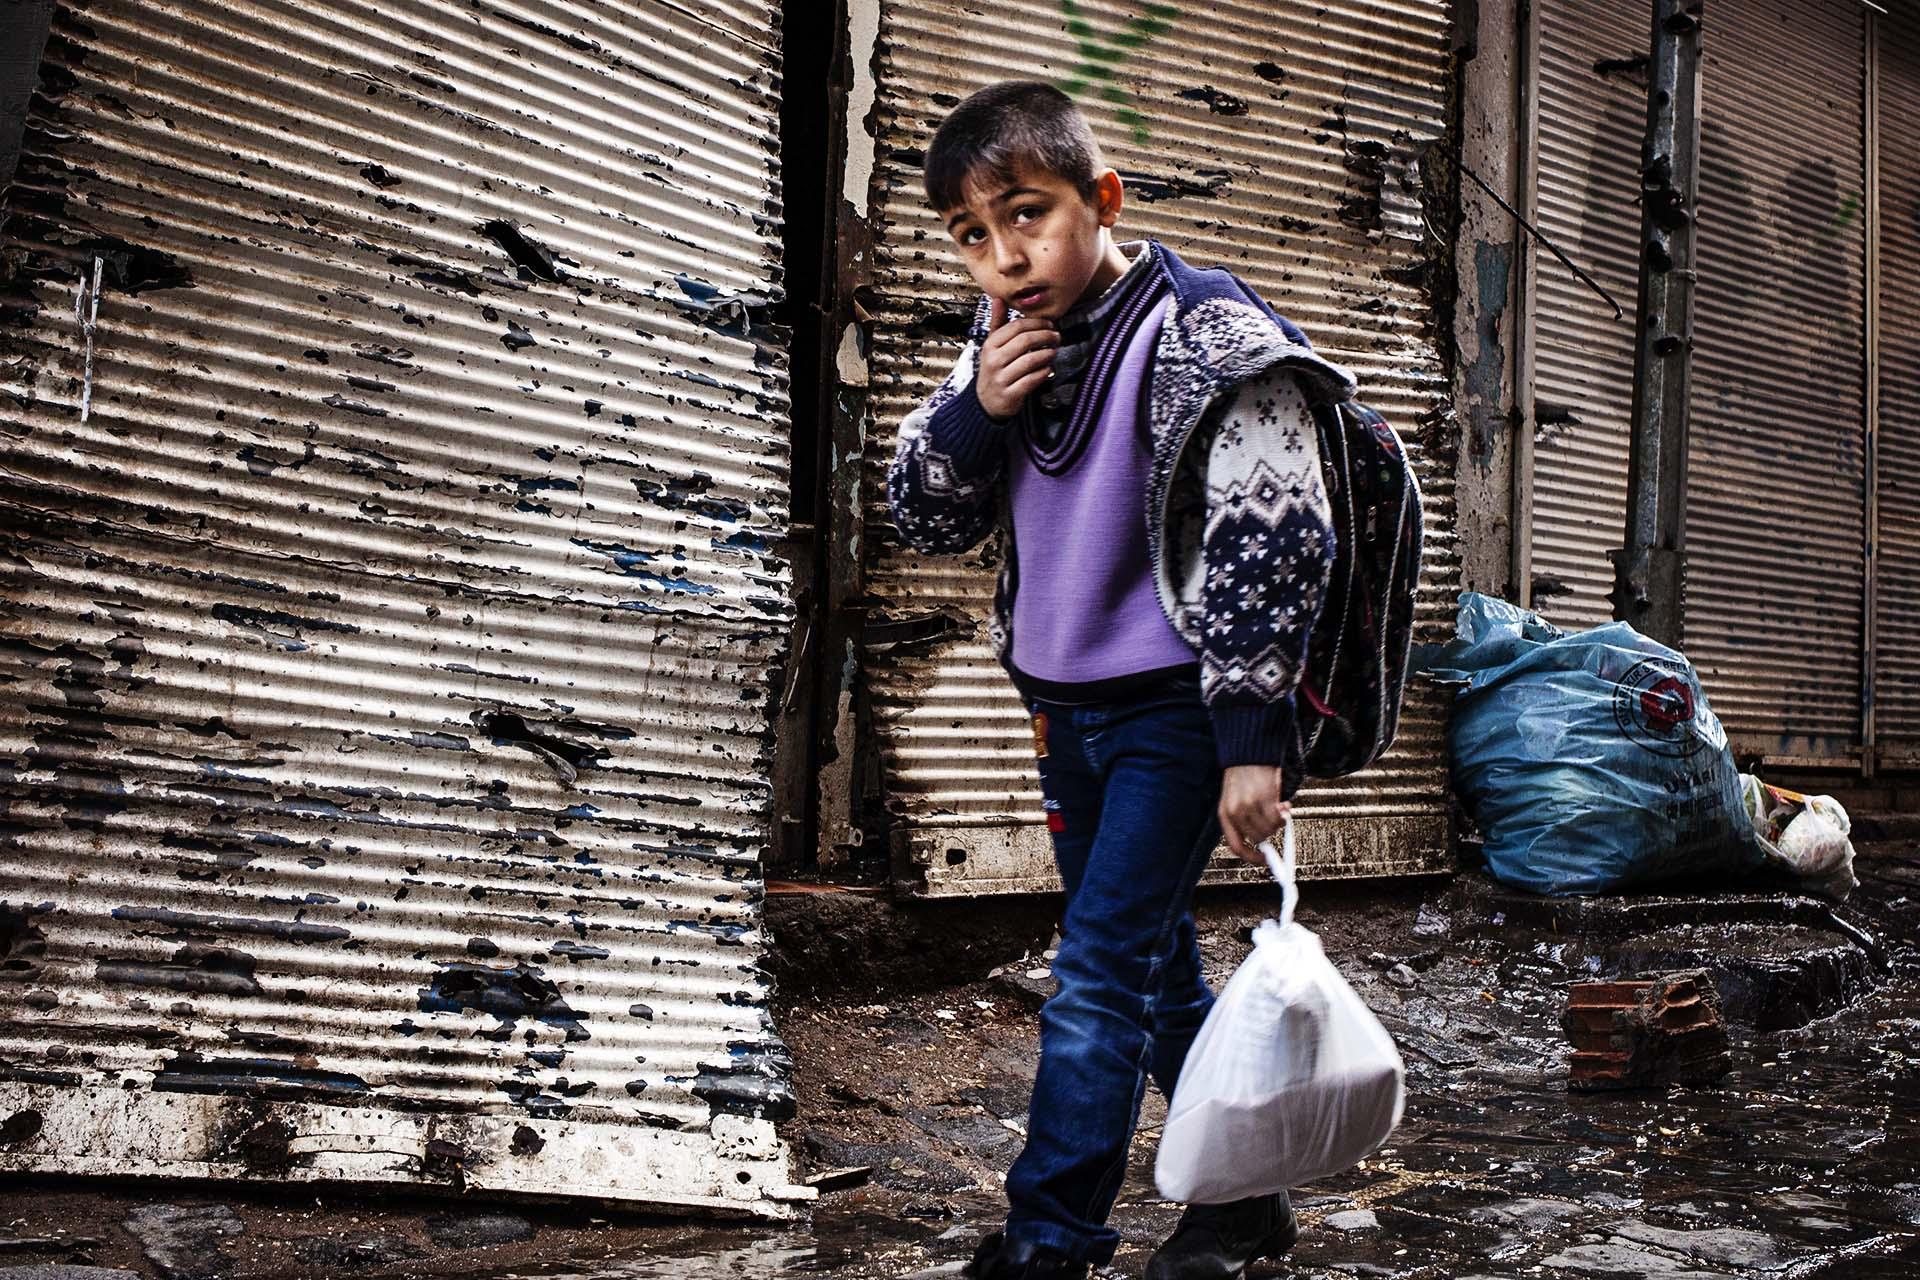 Mas de 50 niños han muerto durante los toques de queda en Bakur.